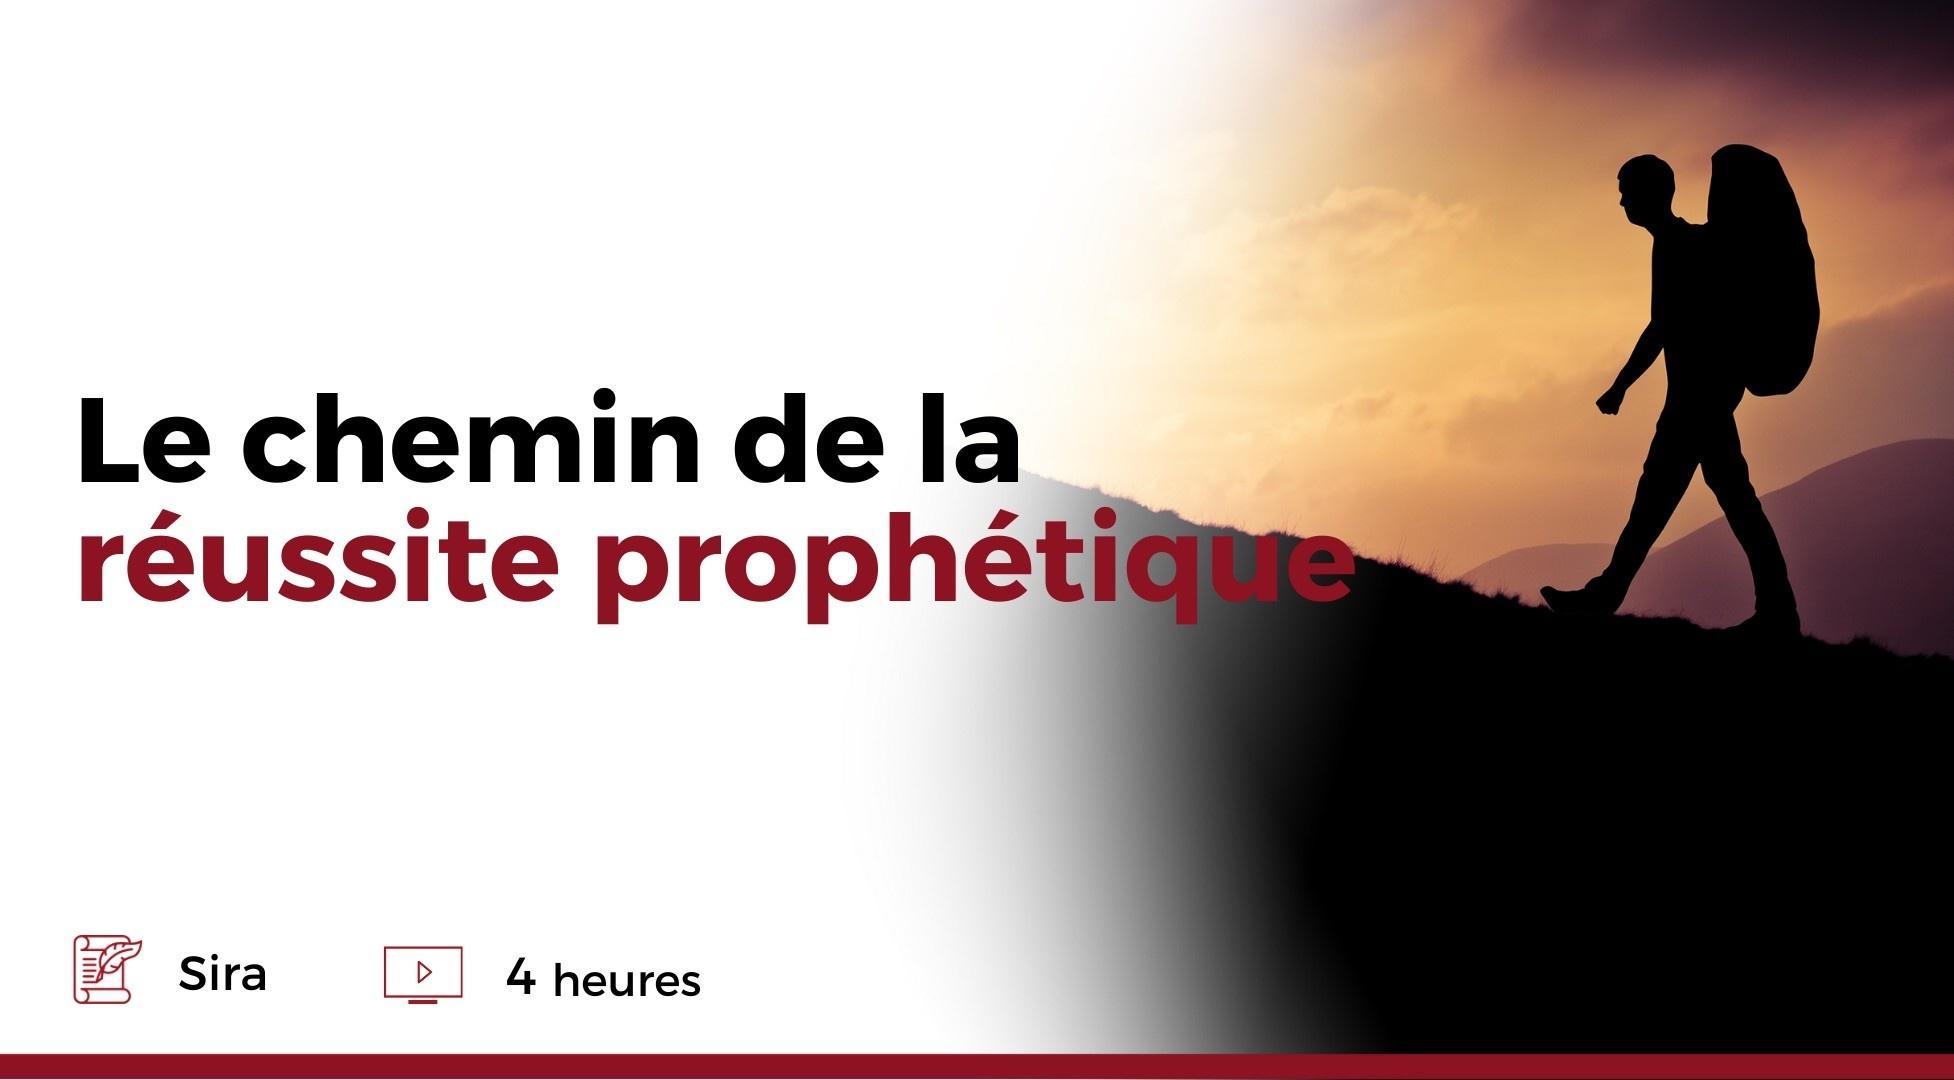 La réussite prophétique